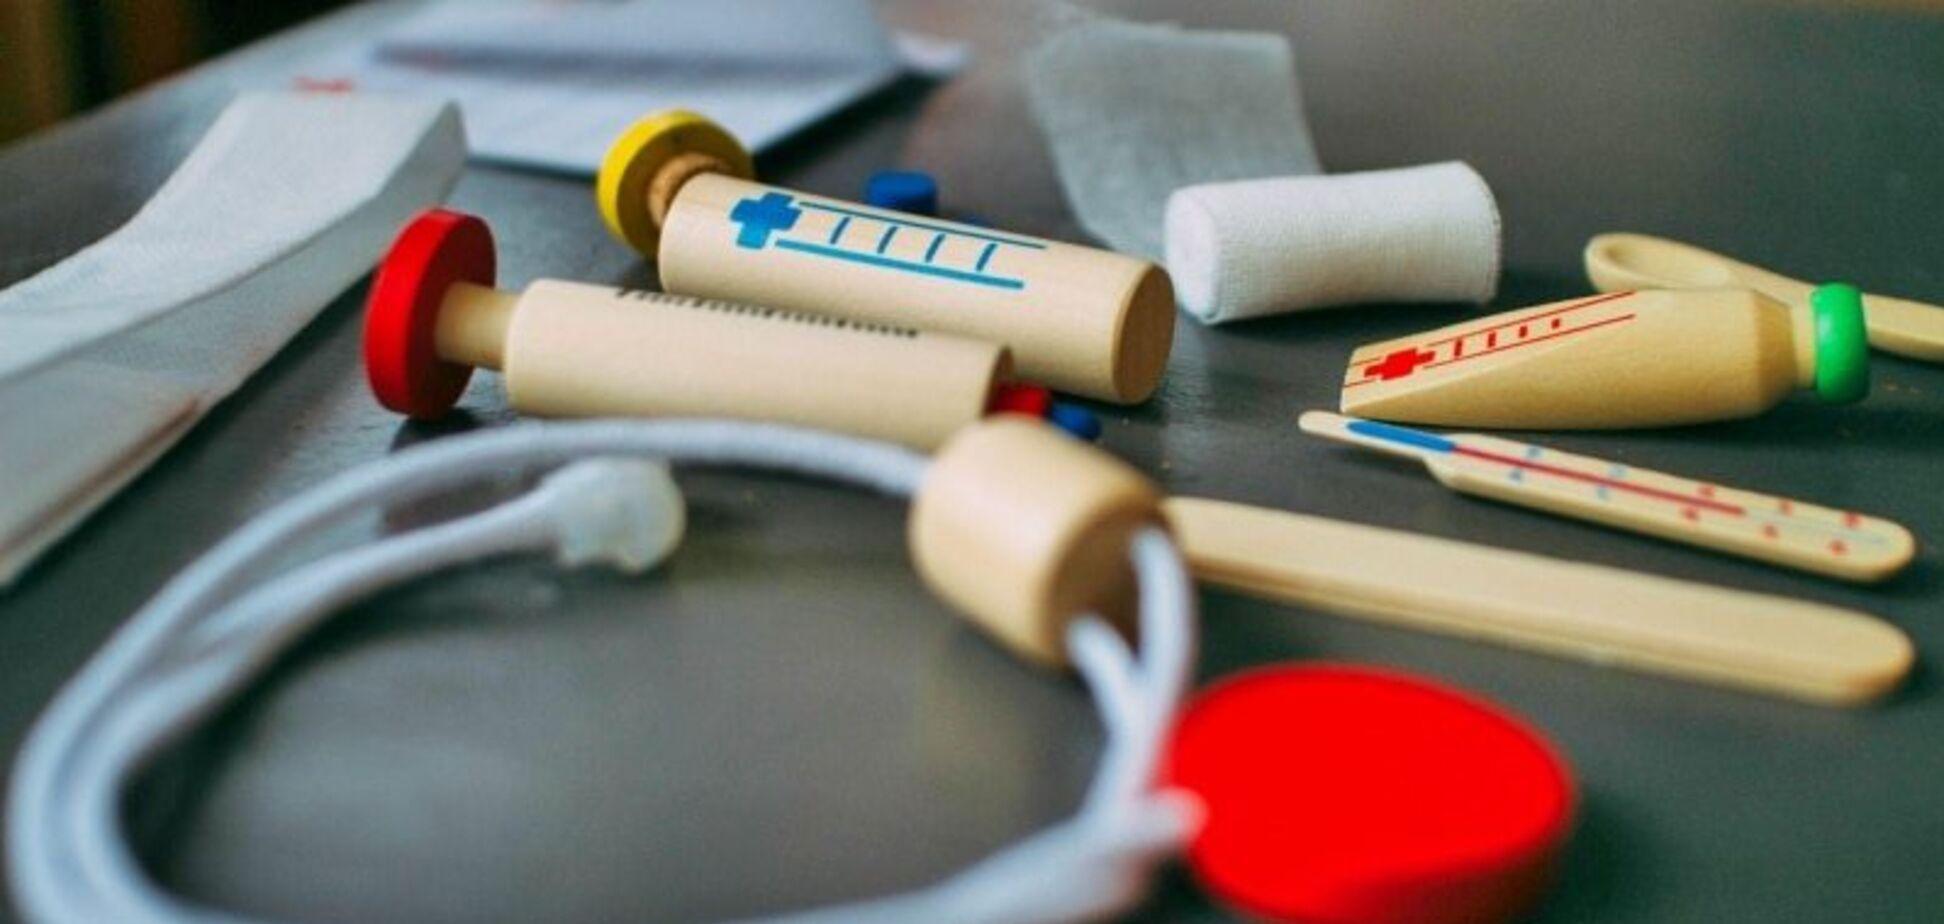 Клоуны в штате, запрет на солярий и другие особенности медобслуживания в Латвии